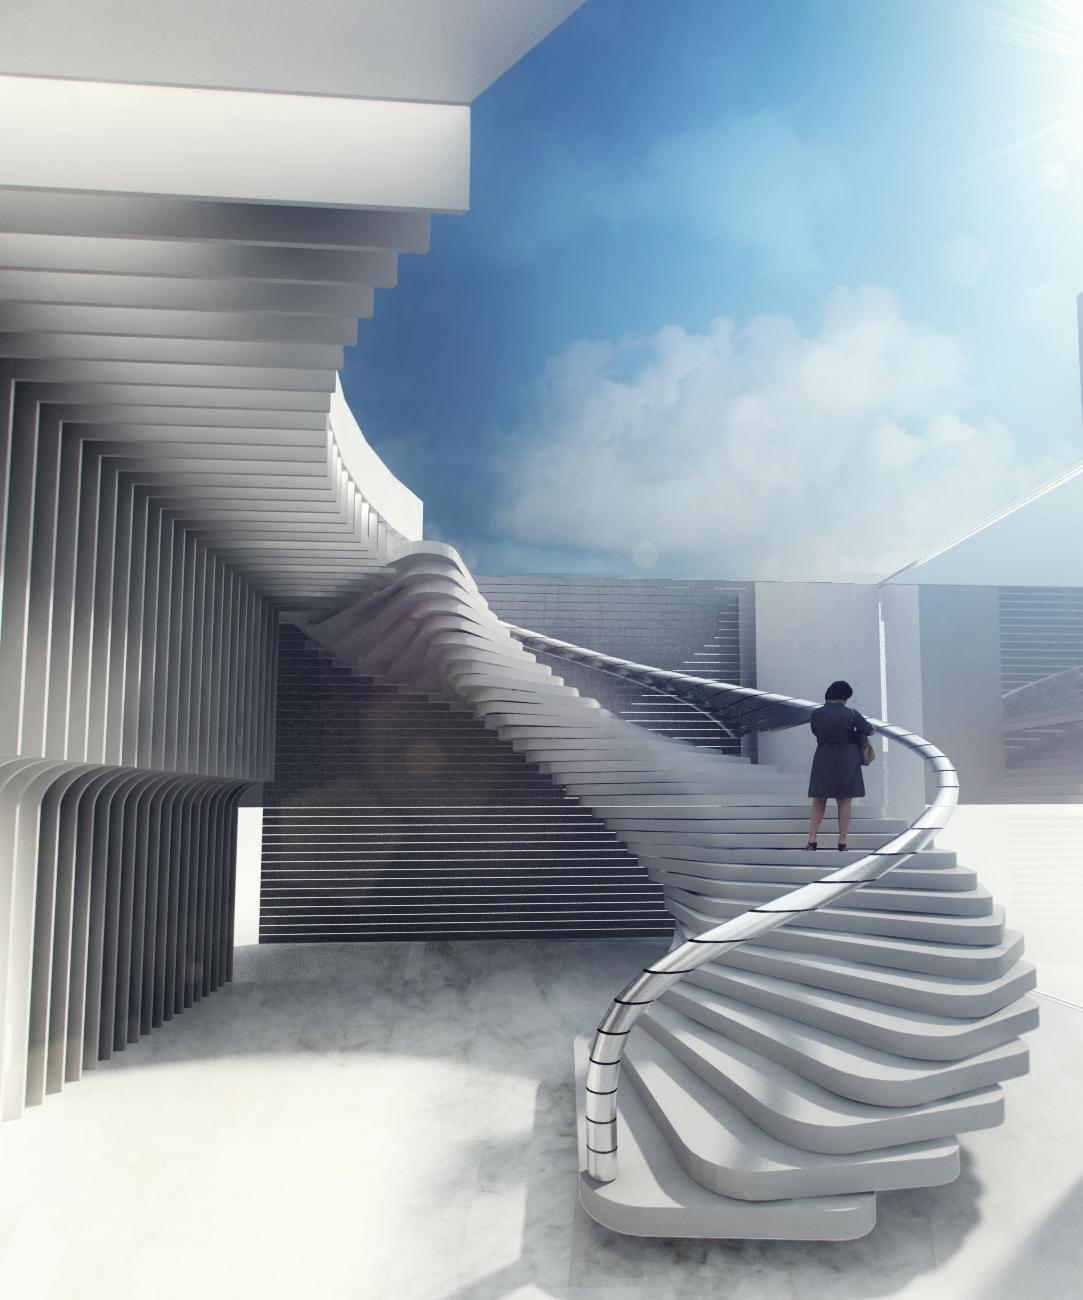 stair01.jpg